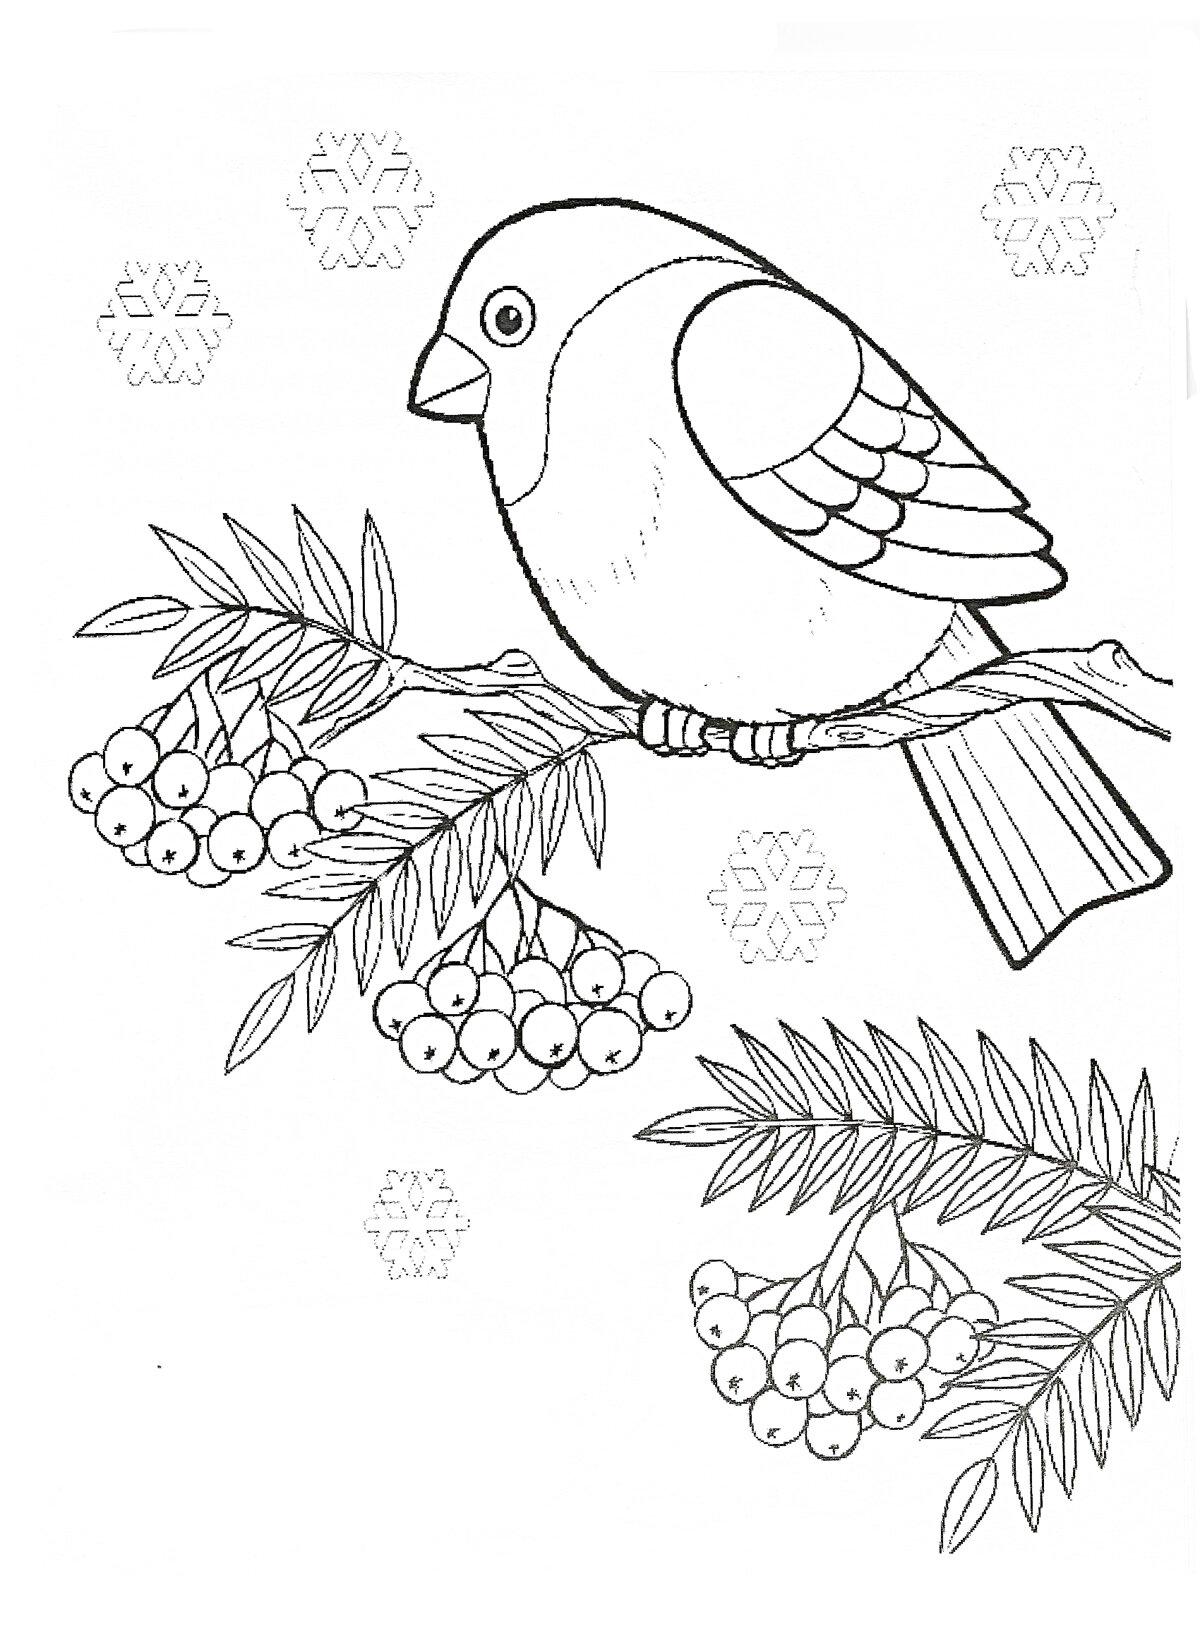 этому распечатать раскраски зимующие птицы времена, когда иметь